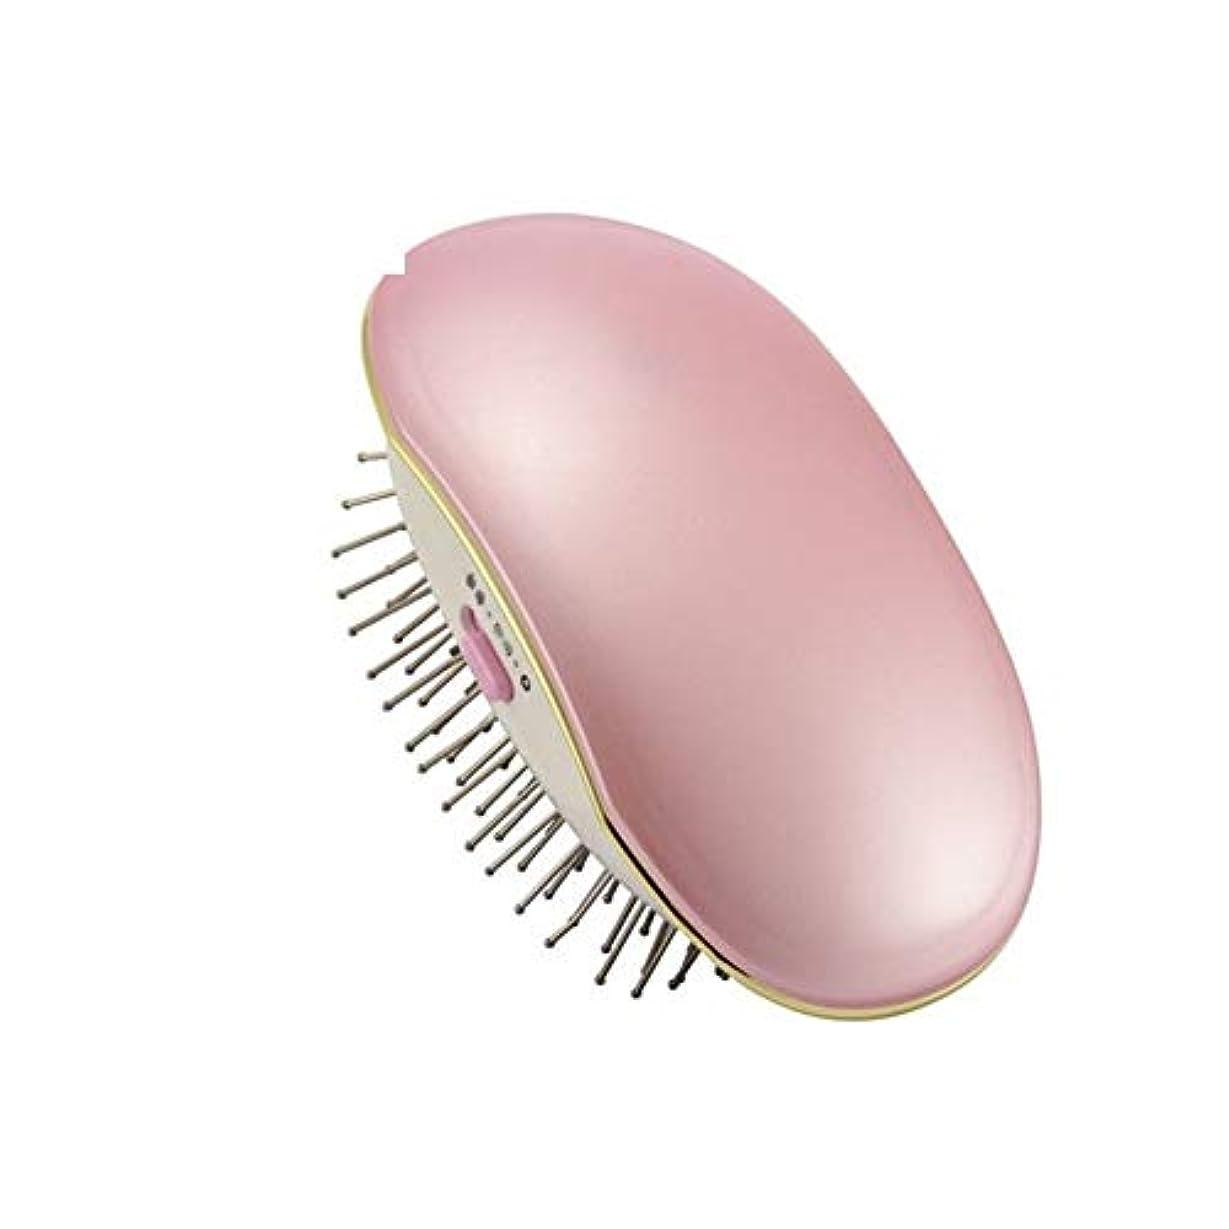 週間脱走おなかがすいたLizhenhua ポータブル電気イオンブラシ櫛イオン完璧な矯正スタイラーアイロンブラシケア矯正電気アイロンブラシ (Color : Pink)